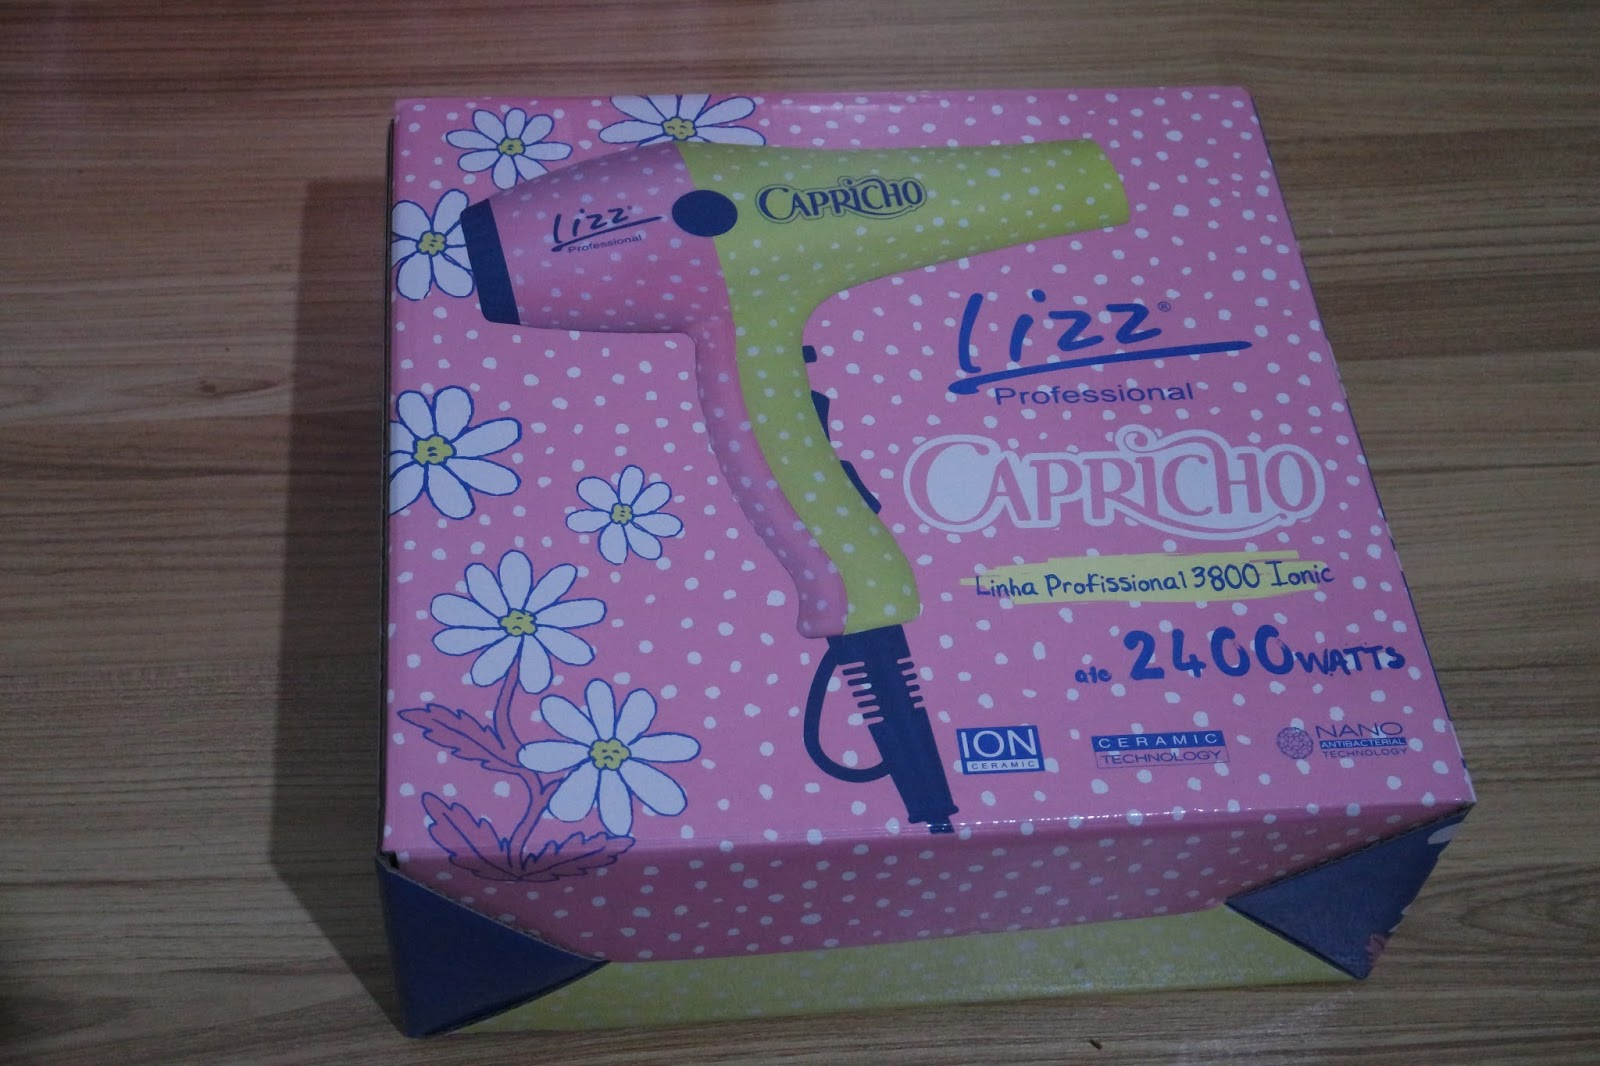 Lizz Professional apresenta o novo secador Linha 3800 Ionic em parceria com  a Capricho! 6a4d4fa8eacc